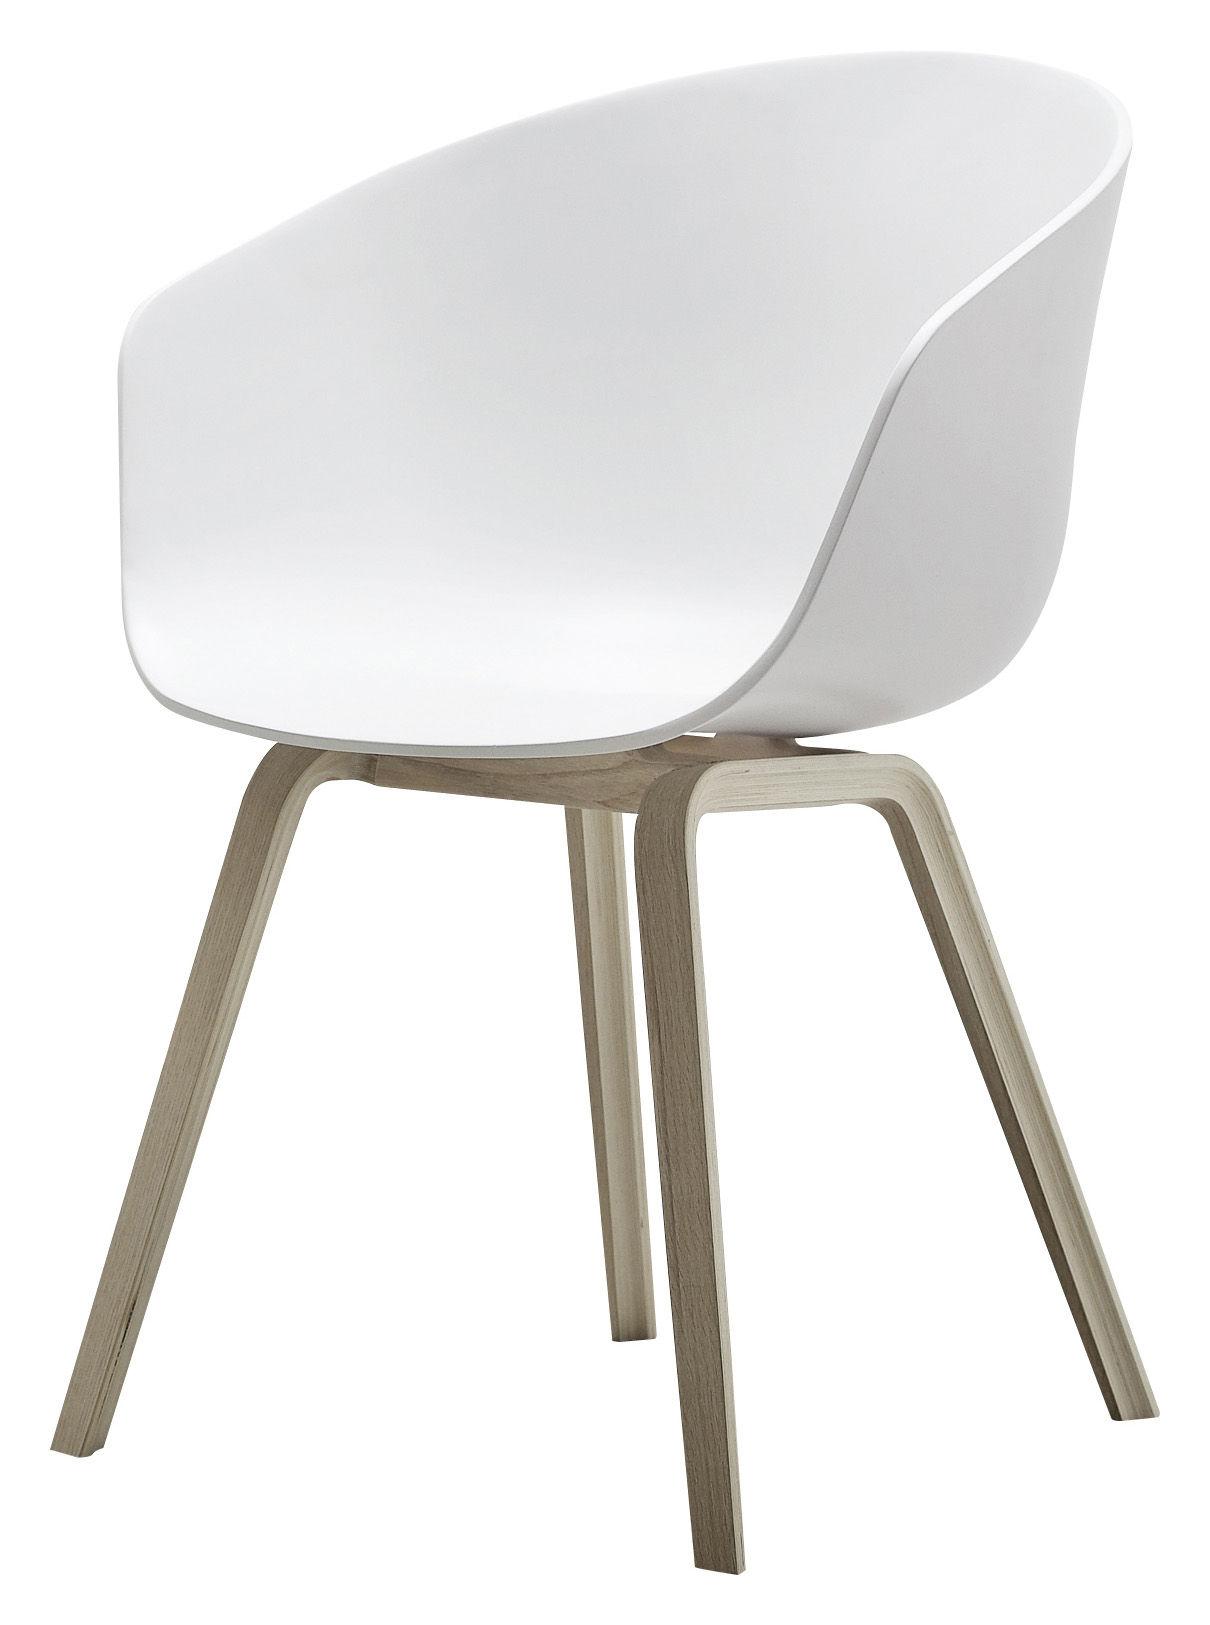 Mobilier - Chaises, fauteuils de salle à manger - Fauteuil About a chair AAC22 / Plastique & chêne savonné - Hay - Blanc / Chêne savonné - Chêne savonné, Polypropylène